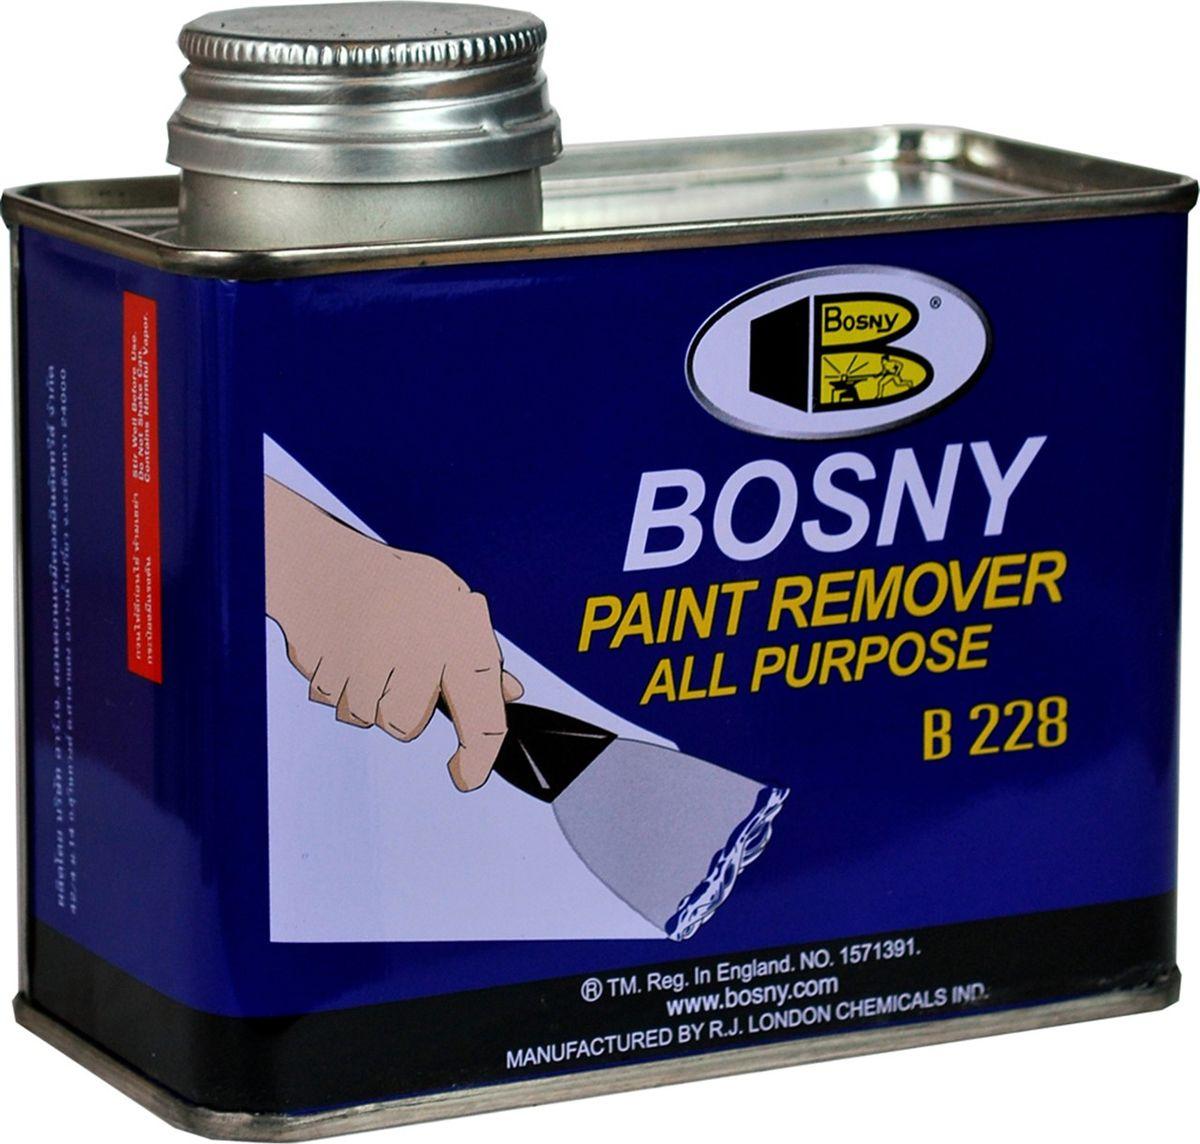 Смывка краски-гель Bosny, универсальная, 3,5 кгVL-5AУниверсальнаясмывка краскиBosny Paint Remover –мощное средствона гелевой основе, предназначенное для удаления всевозможных типов краски с окрашенных поверхностей быстро и эффективно, весь процесс занимает лишь несколько минут. Смывка краскиBosny Paint Remover предназначенадля удаления масляных красок, синтетических эмалей, различныхлаков, в том числецеллюлозных, эмалей горячей сушки, и других видов лакокрасочных покрытий. Может использоваться как для бытовых, так и для промышленных целей. Гелевая консистенция смывки имеет несколько преимуществ по сравнению с жидкими или аэрозольными составами: 1. После нанесения гелеобразный состав образует равномерный слой одинаковой толщины по всей поверхности. 2. Можно легко и точно дозировать расход материала. 3. Исключено попадание случайных брызг на соседние участки поверхности. 4. Не требует предварительного размешивания